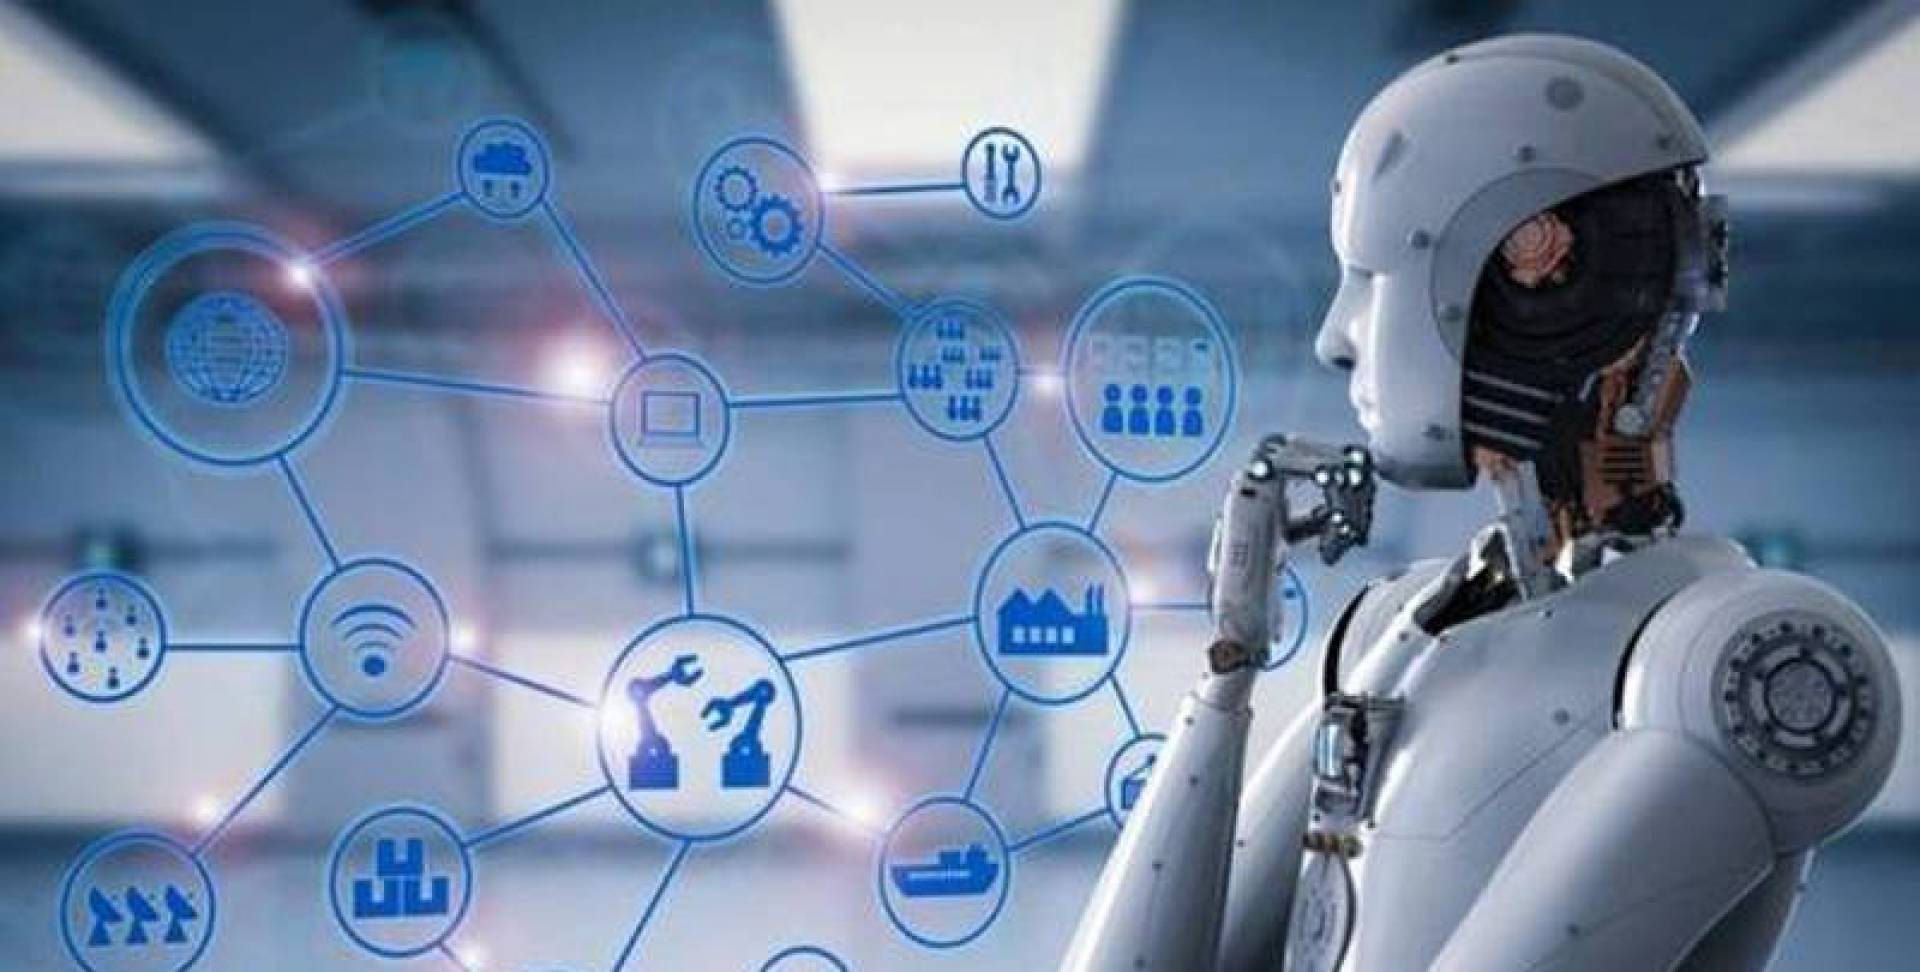 علماء يستخدمون «الذكاء الاصطناعي» في علاج «الاكتئاب»